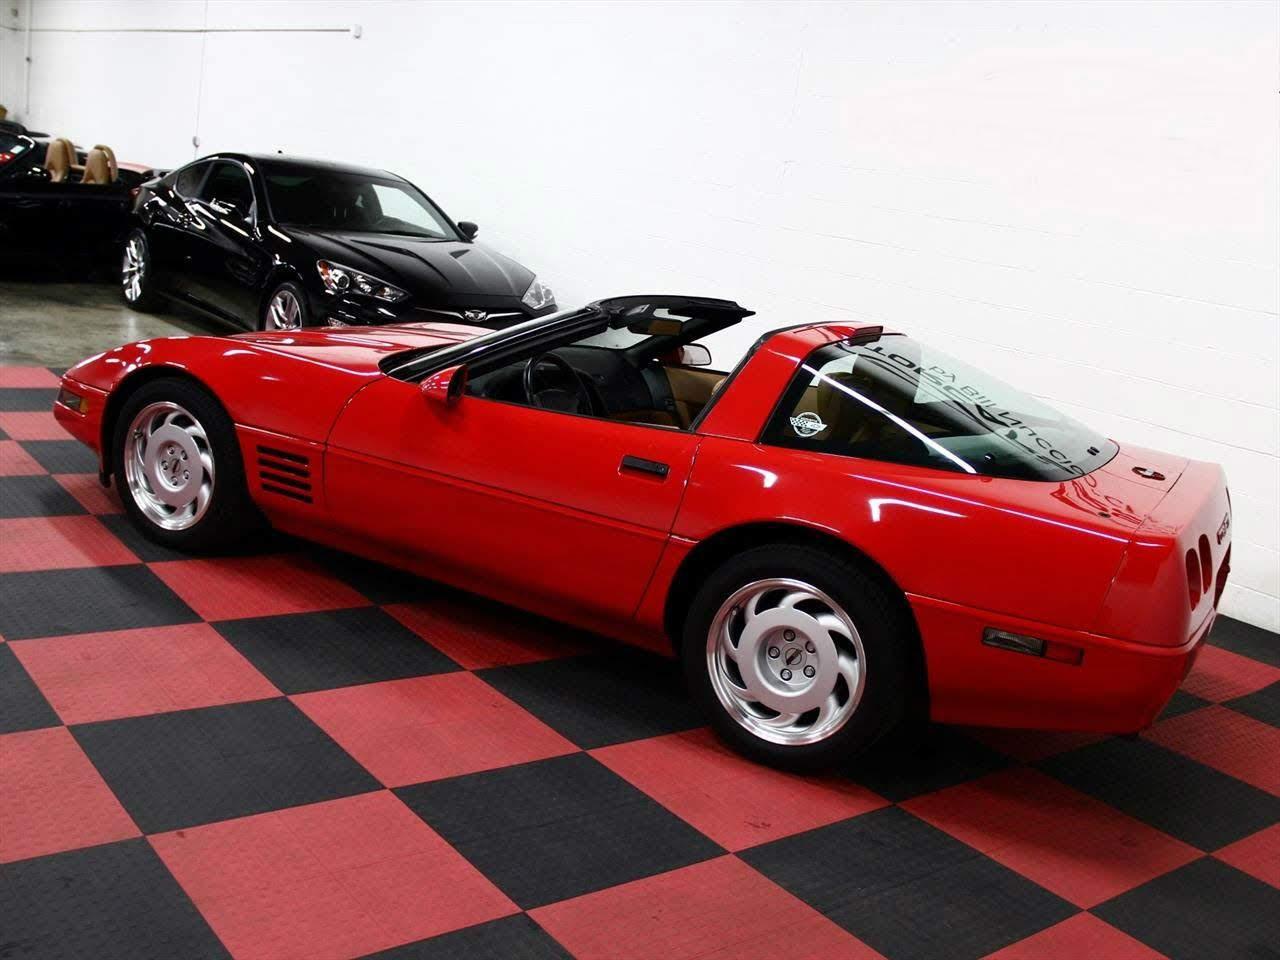 Kelebihan Kekurangan Corvette C4 Zr1 Spesifikasi